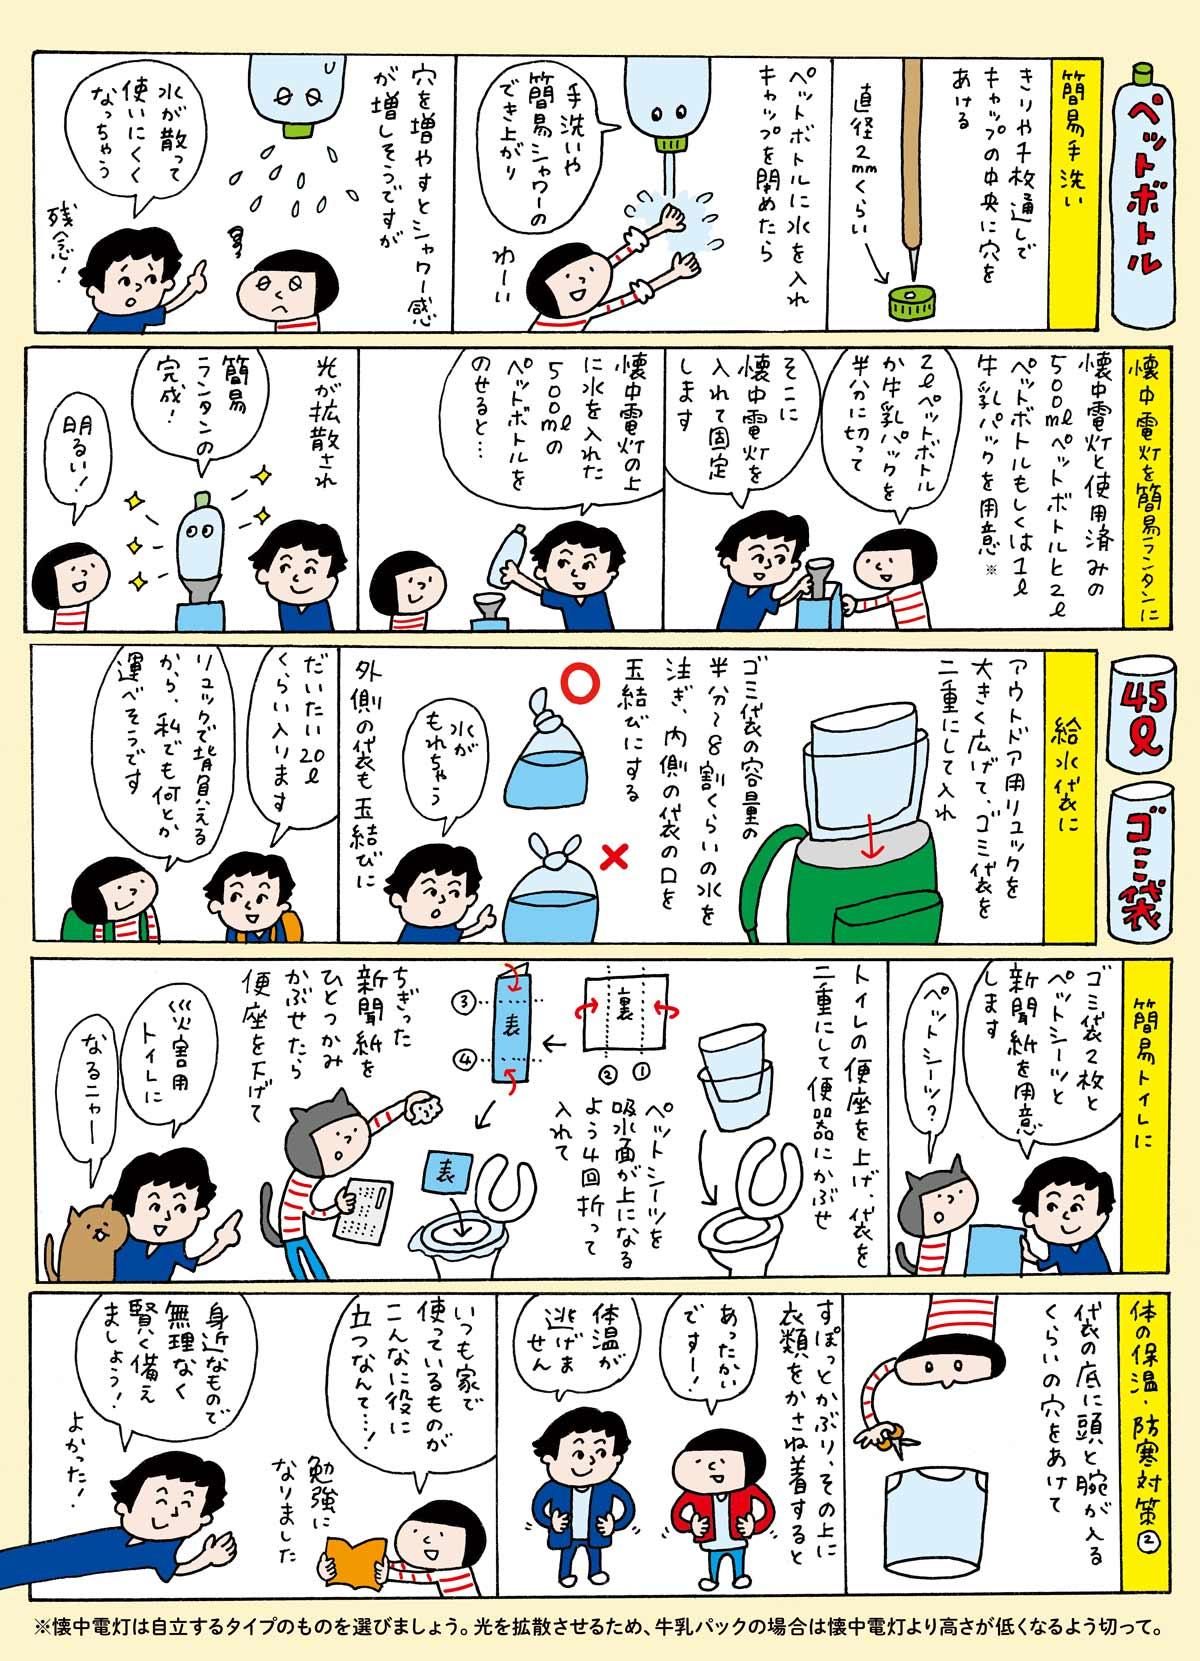 漫画:家にあるものを防災に活用してみよう 使用済みペットボトル・ゴミ袋の活用